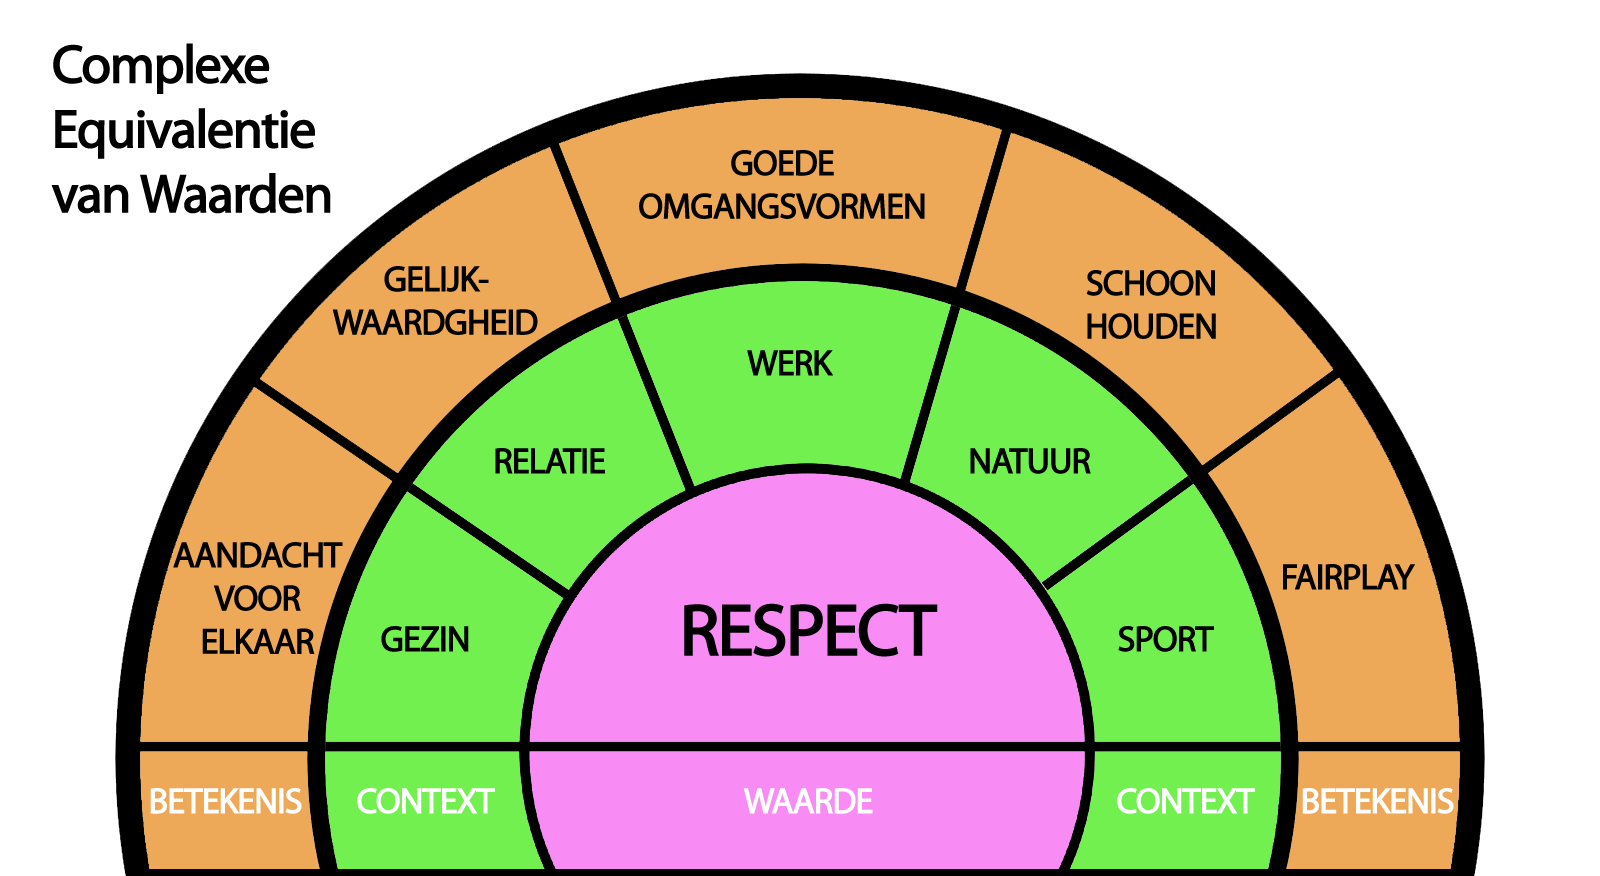 Complexe Equivalentie van Respect @ Belgercoaching